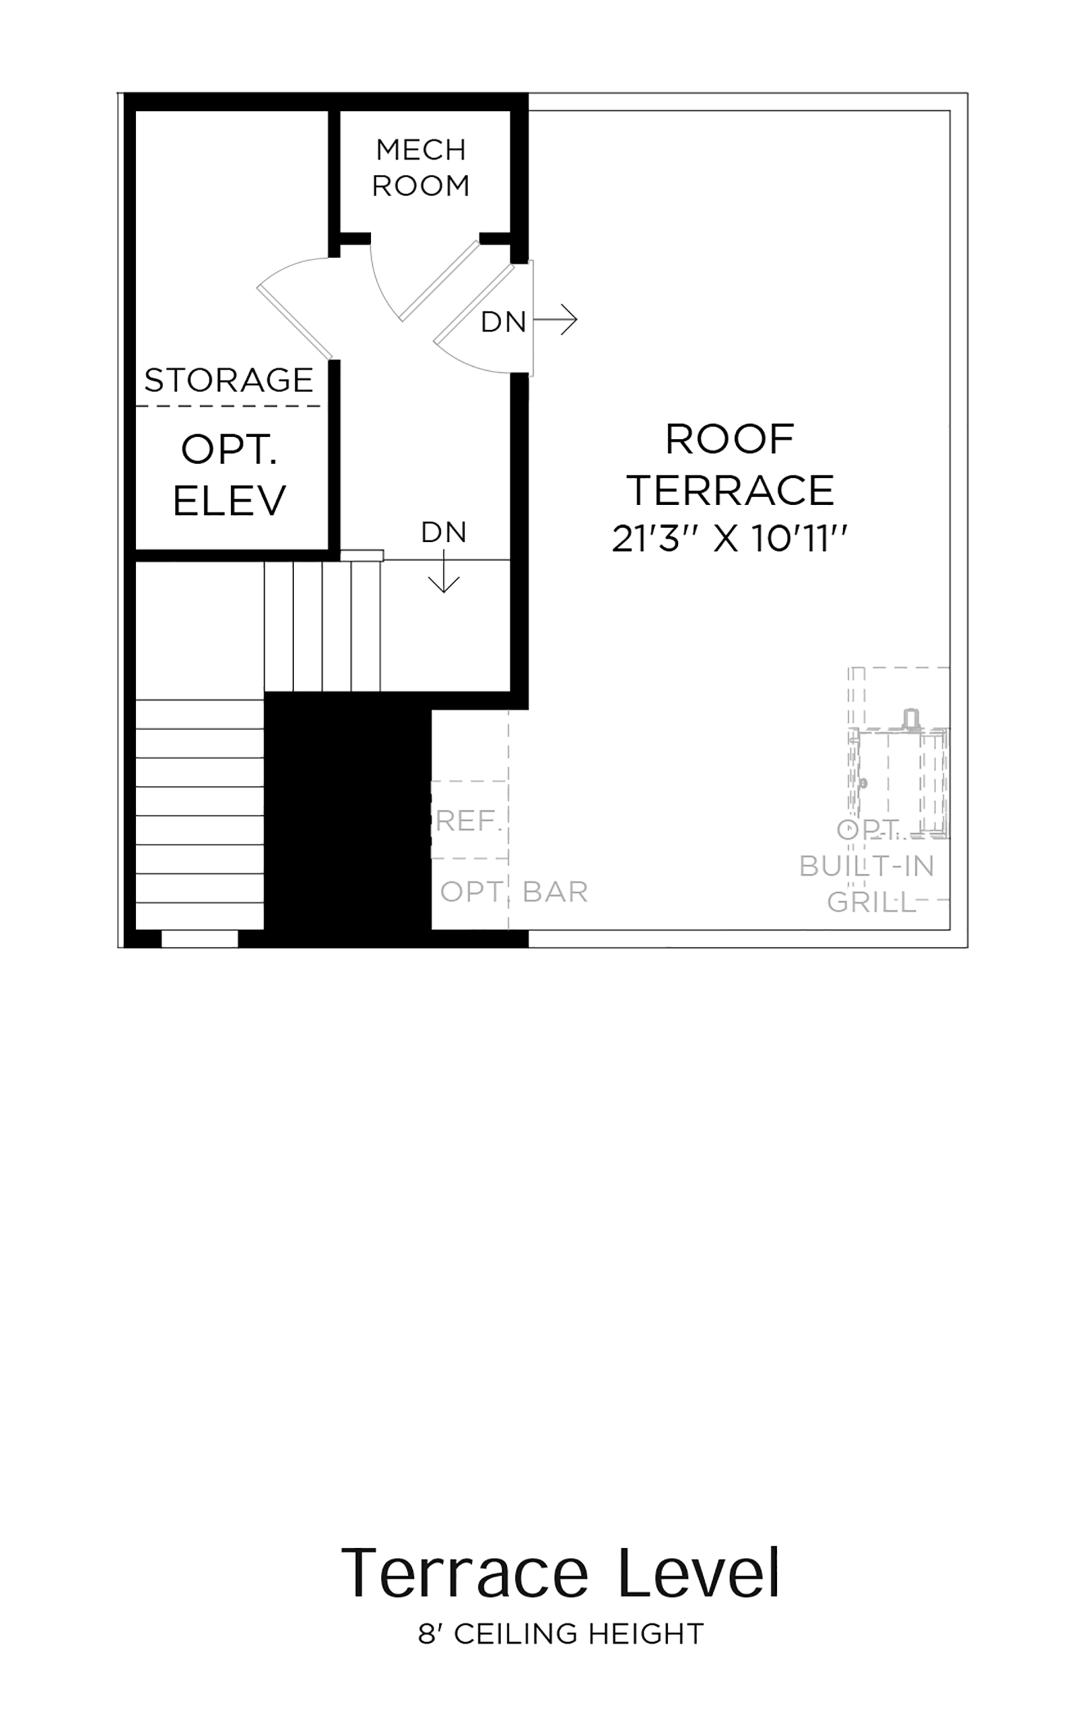 Terrace Level Floor Plan